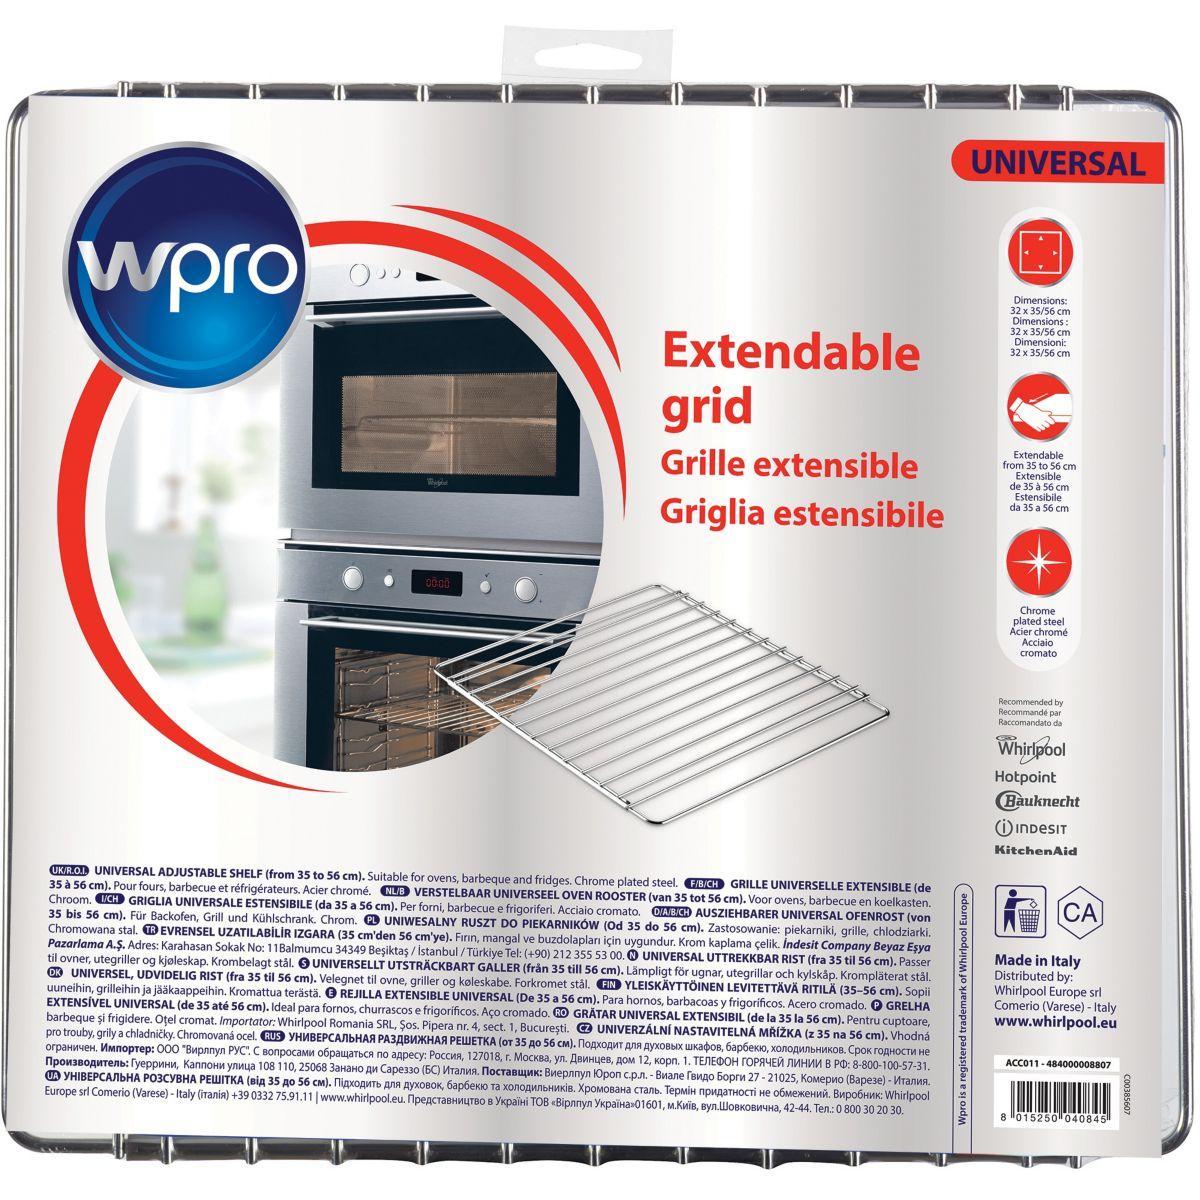 Equipement wpro acc011 grille extensible - 2% de remise imm�diate avec le code : wd2 (photo)